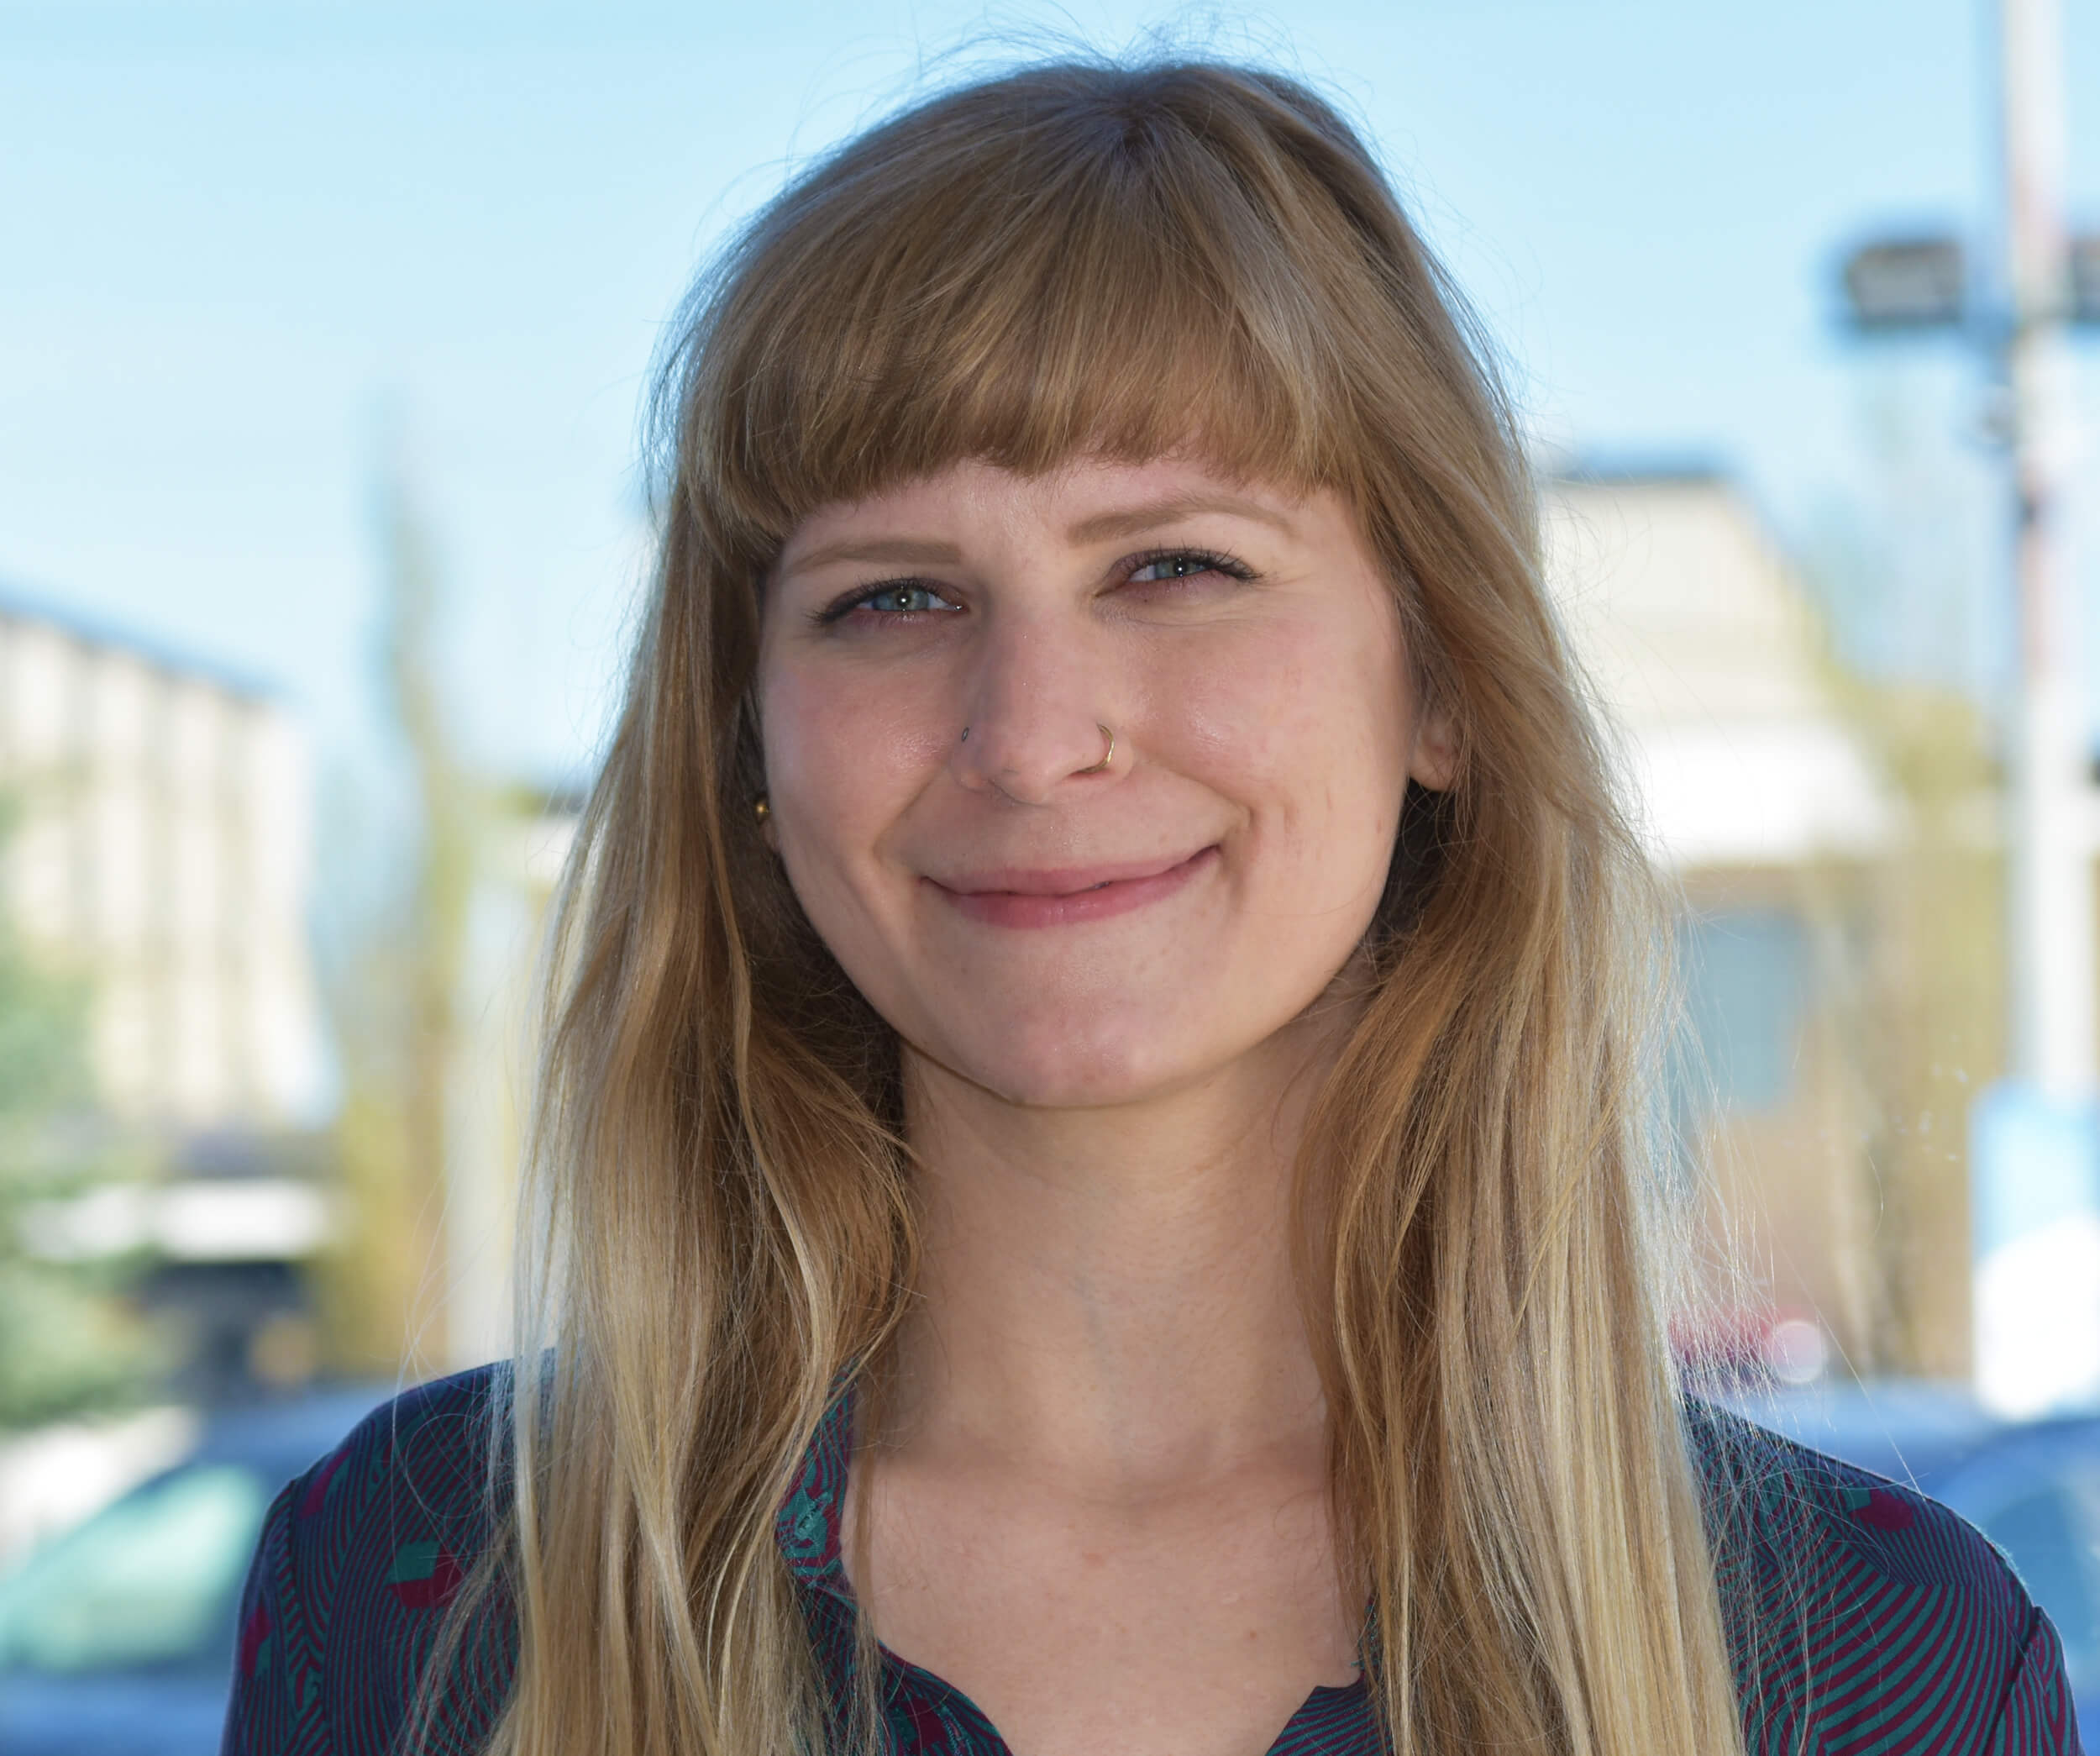 Nicole O'Brien